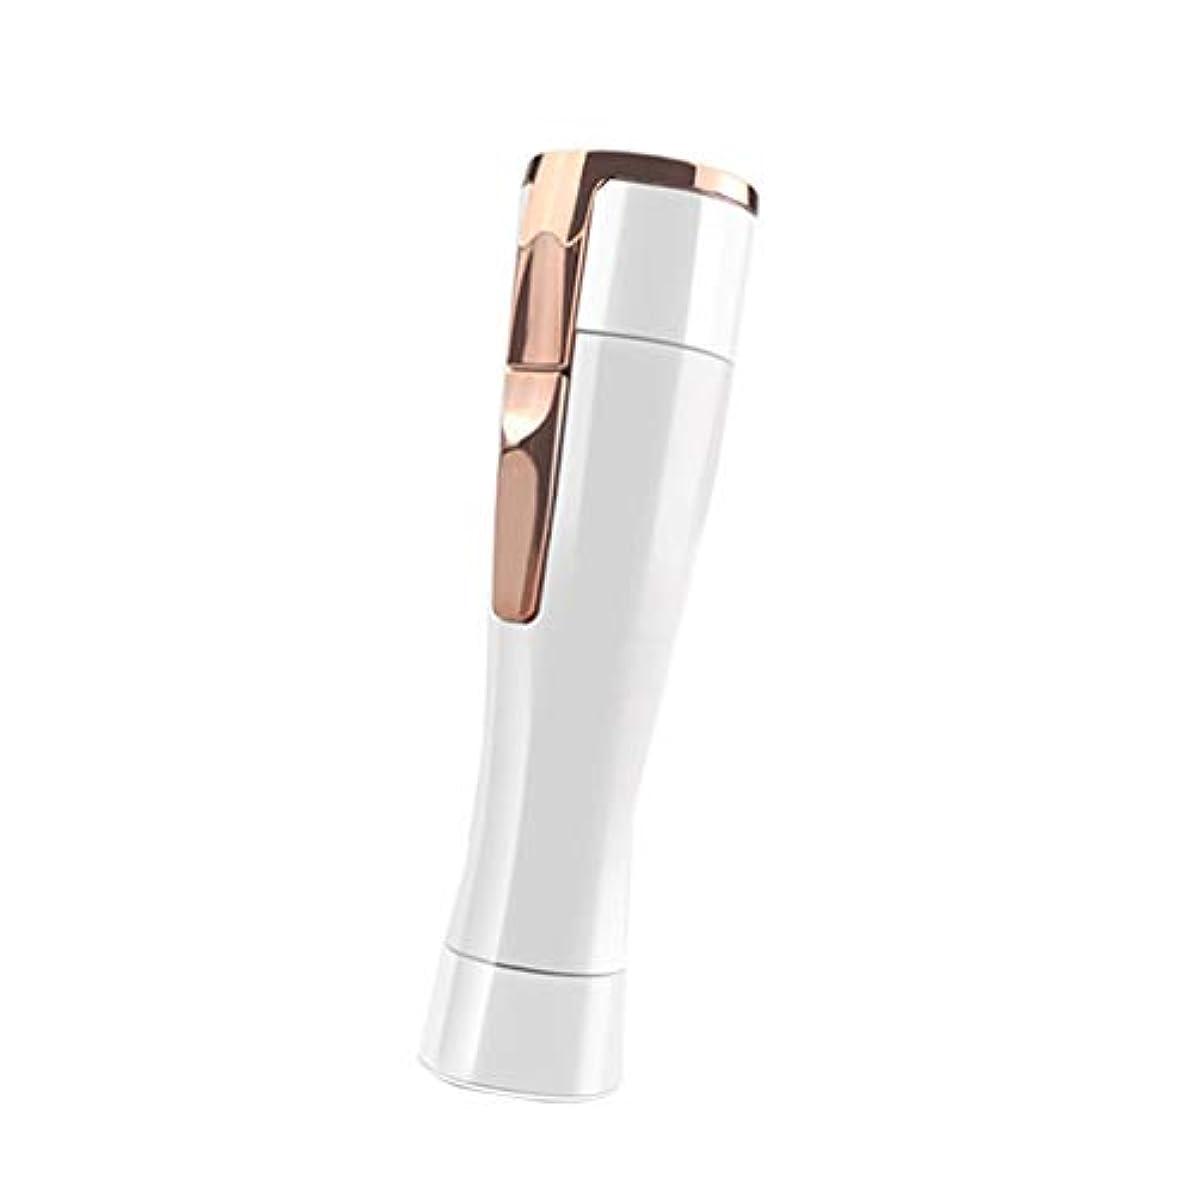 コミュニティ処方良心的コードレス多機能ウェットシェーバー 男性と女性のシェービングアーマーアーティファクトシェービングプライベートパーツ専用シェービングナイフに電気 (Color : B)